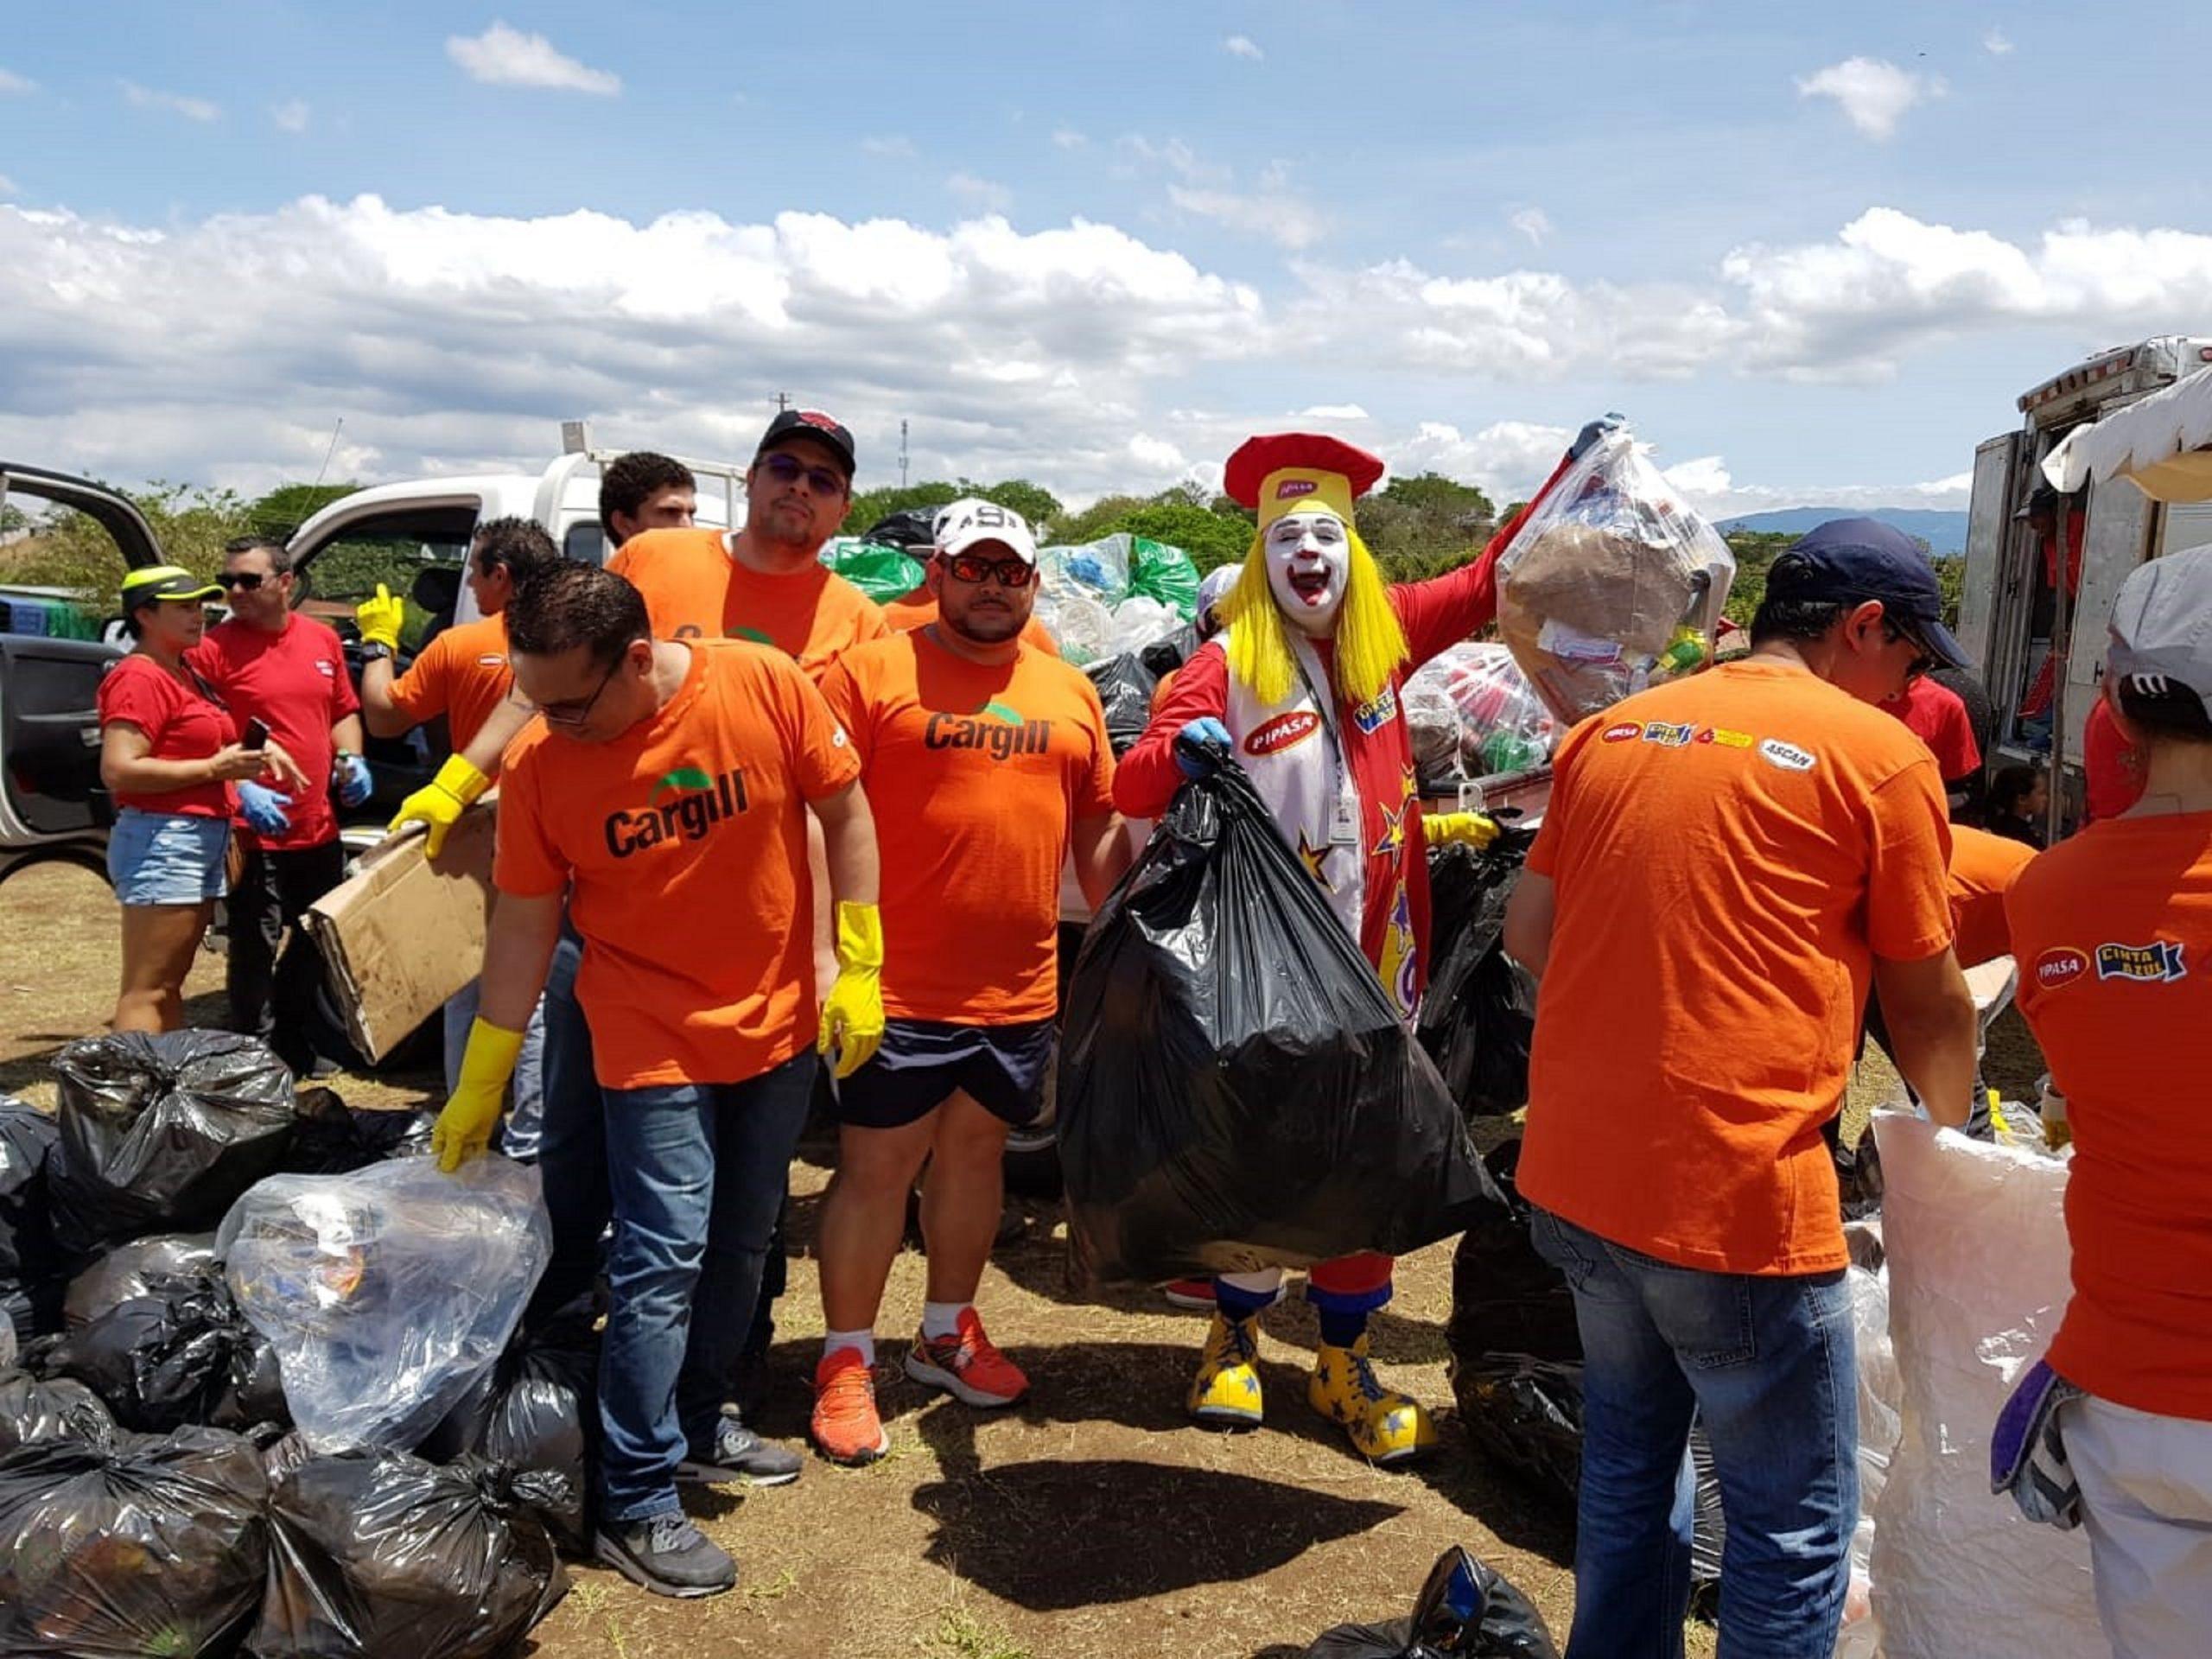 Mediante campañas de reciclaje Carguill